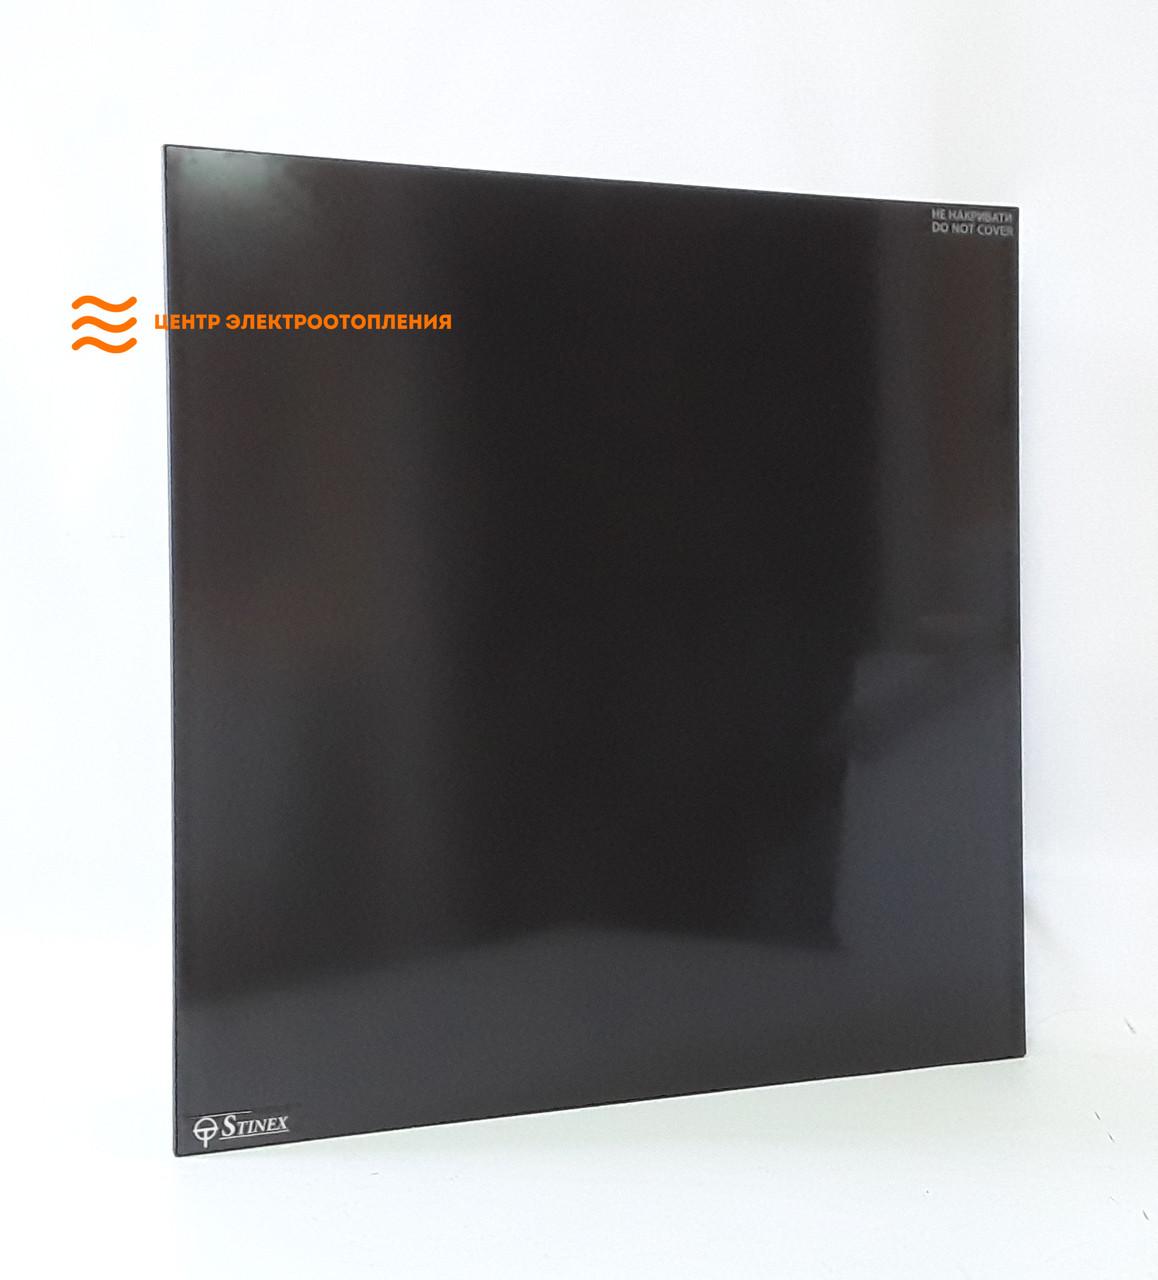 Керамический обогреватель Stinex Plaza Ceramic PLC 350–700/220 черный